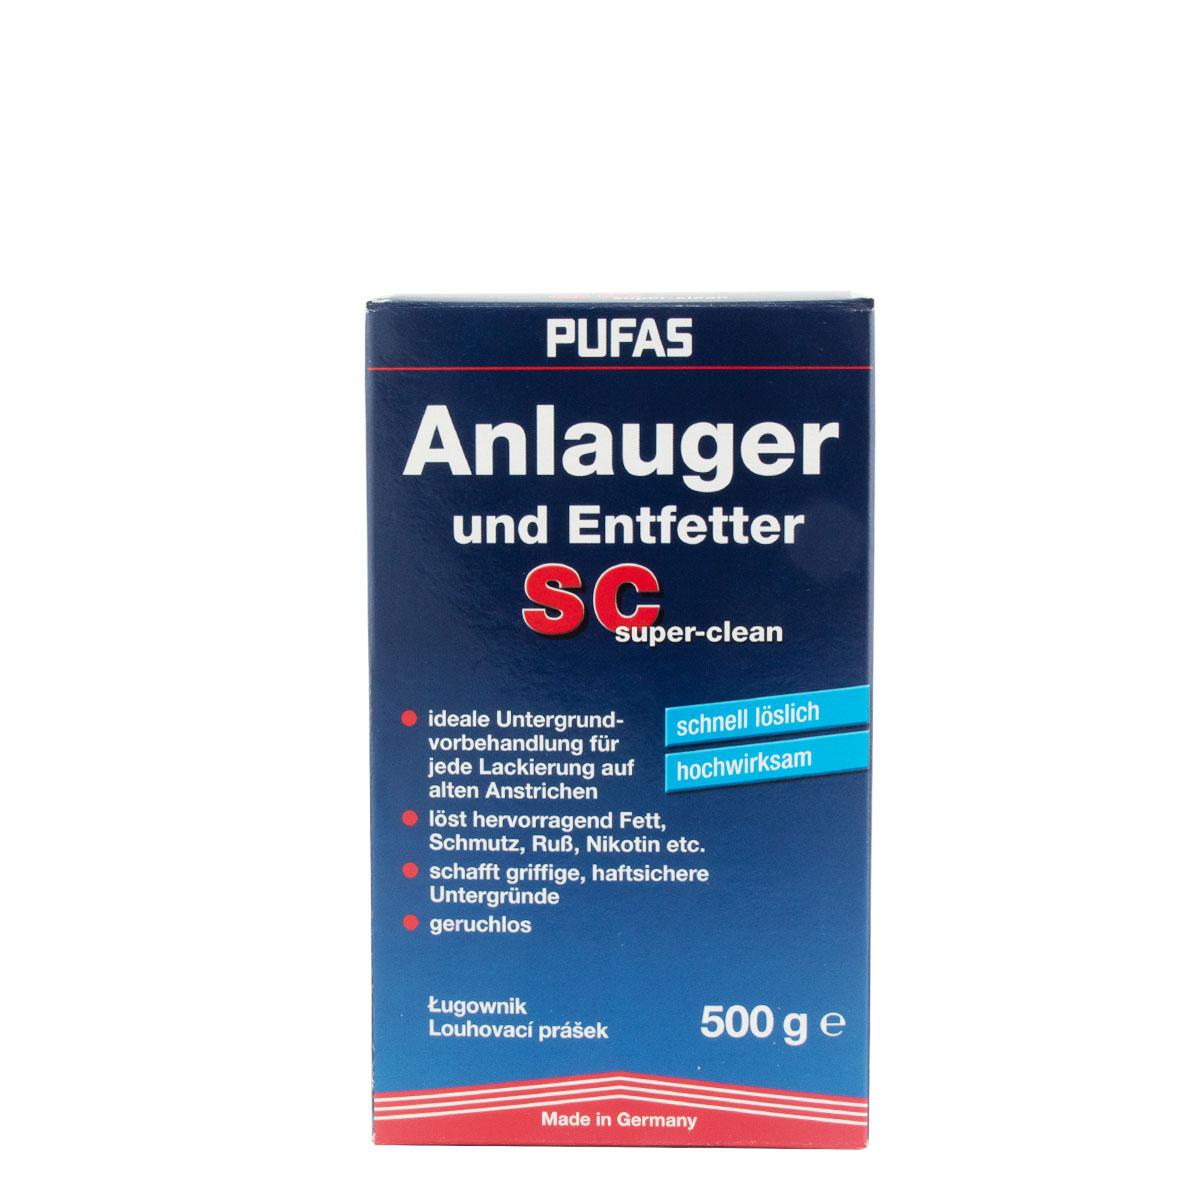 Pufas Anlauger und Entfetter SC 500g Super-Clean Aktivreiniger